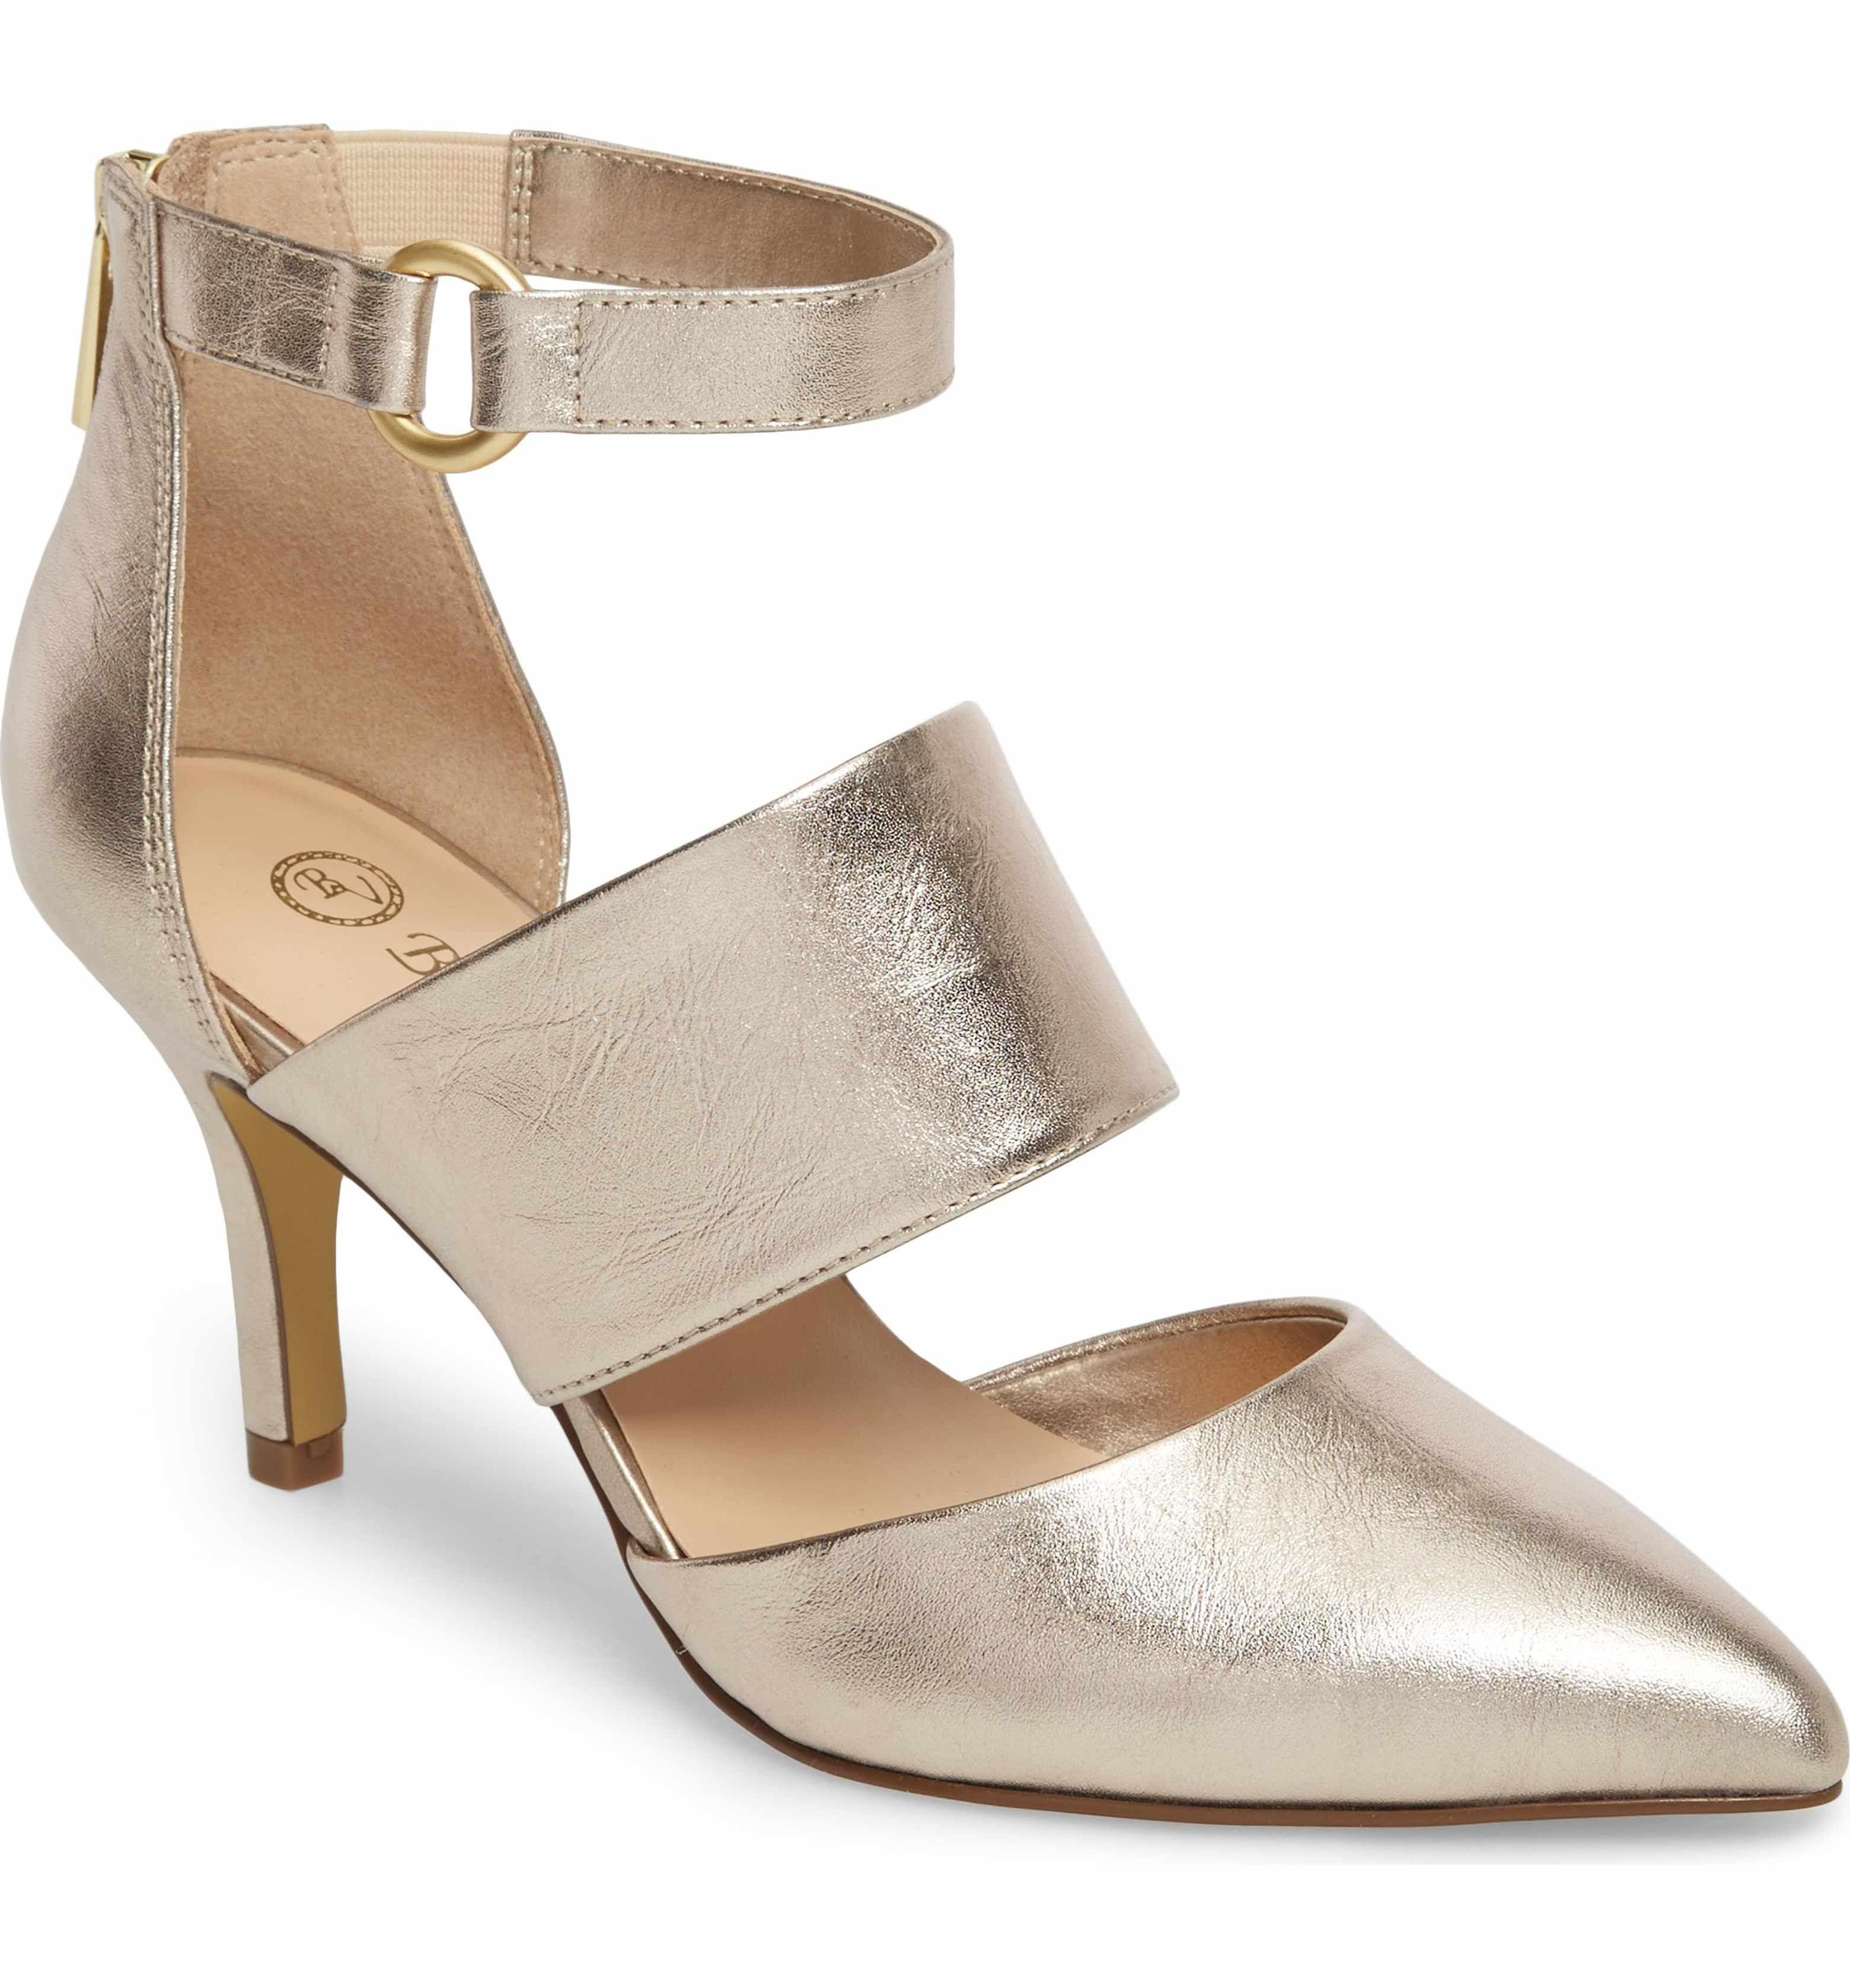 Bridal Shoes At Nordstrom: Bella Vita Diana Pump (Women